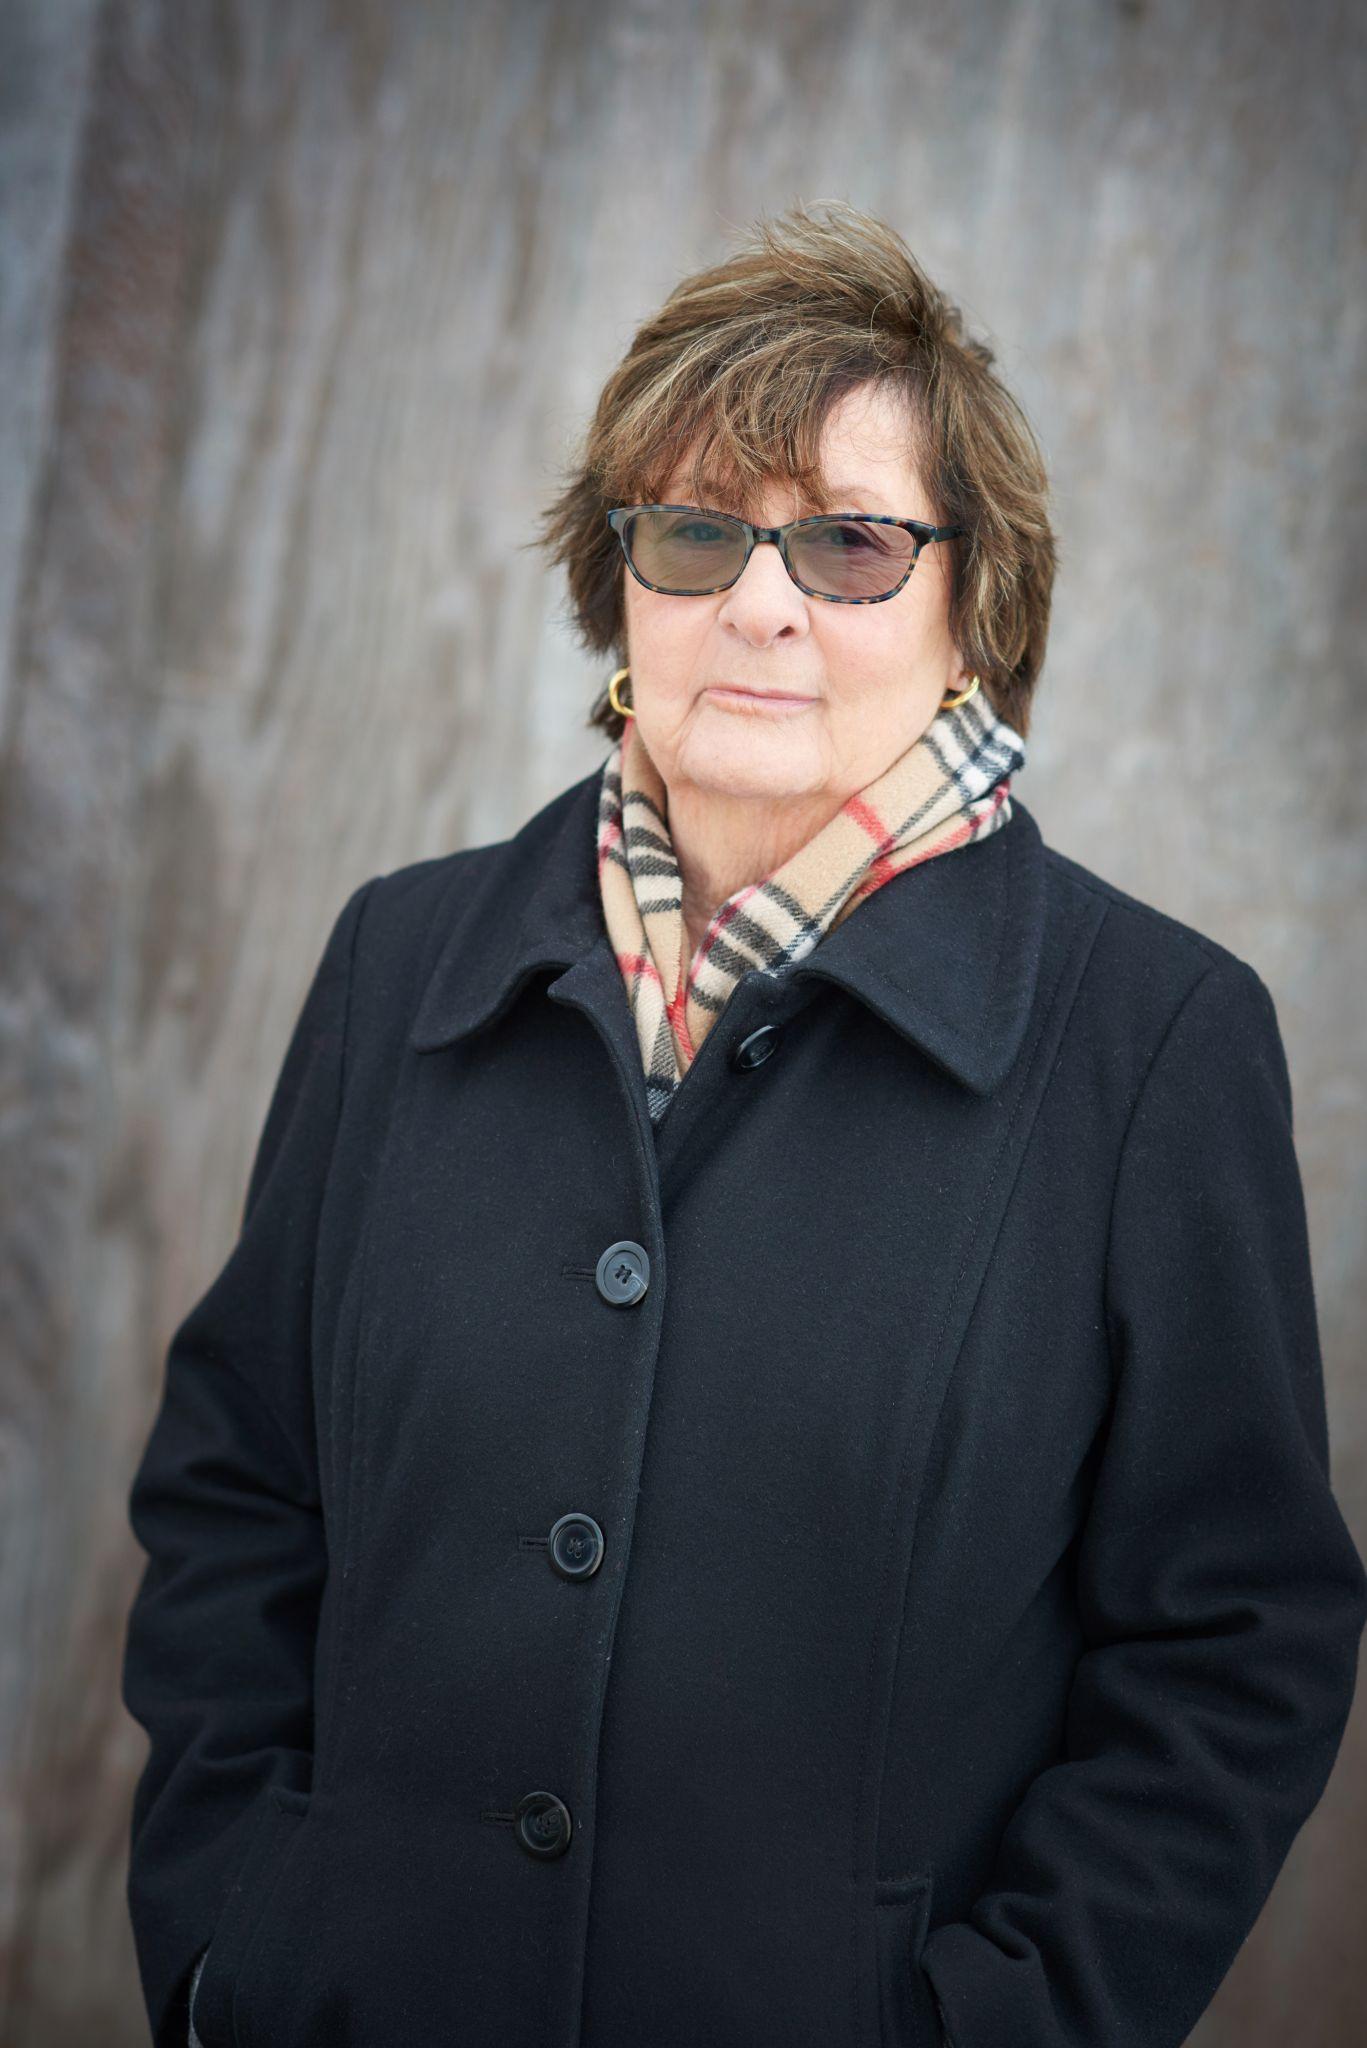 Maureen Jennings jpeg - Maureen Jennings - Murdoch and Beyond